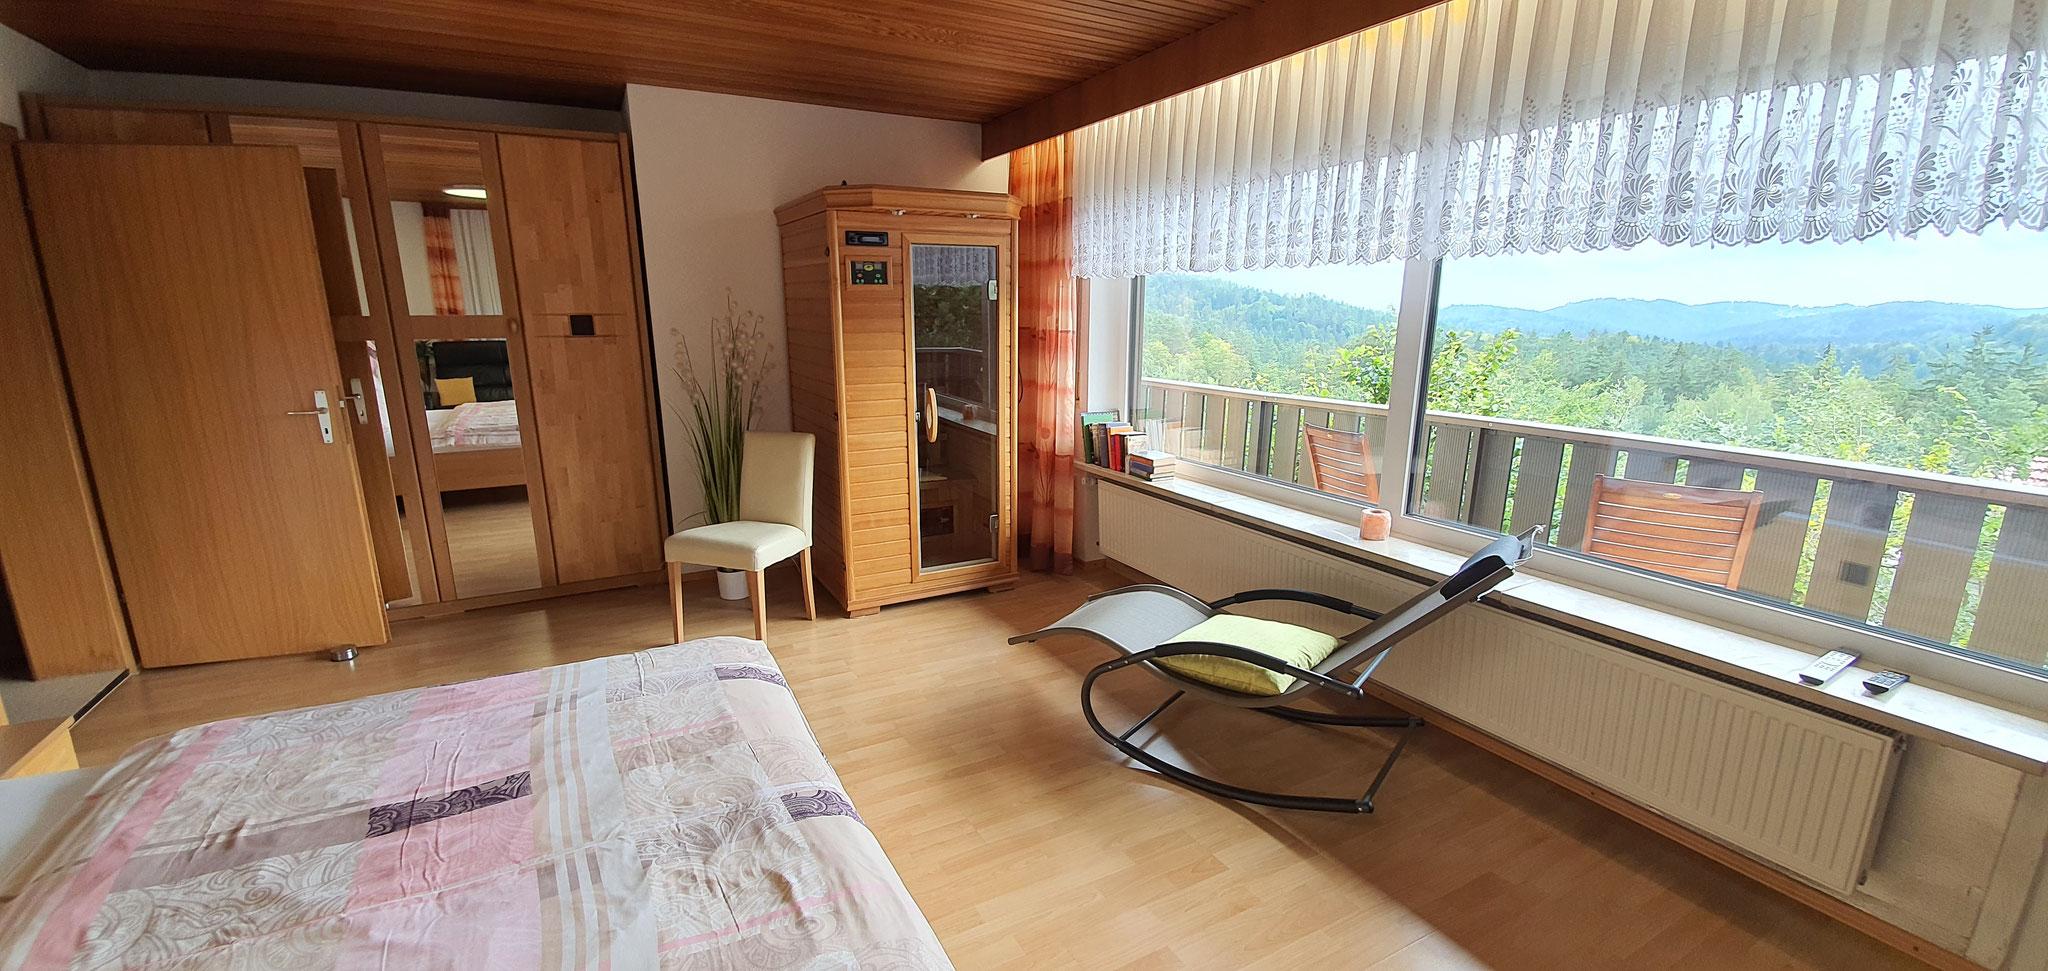 Master Schlafzimmer mit Infrarotkabine und Balkon